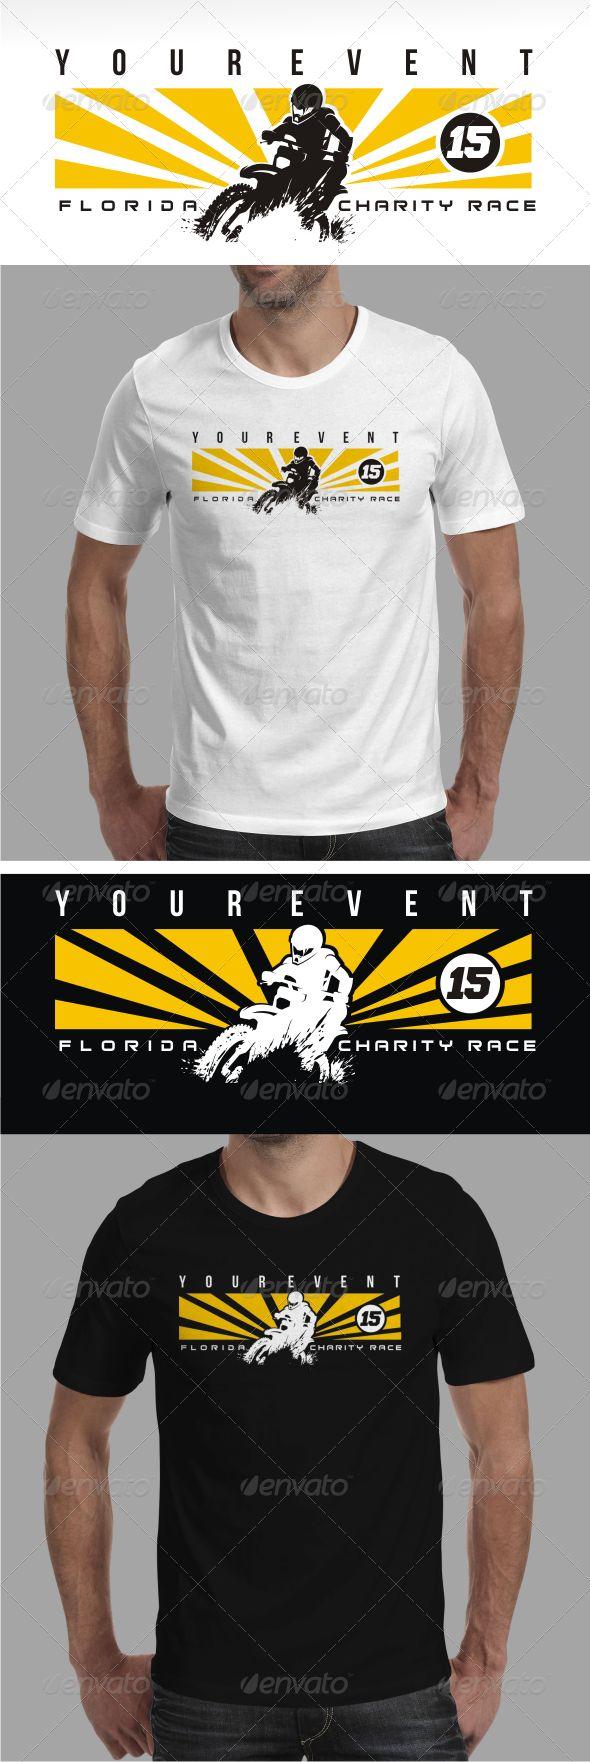 Design t shirt motocross - Motocross Motocrosst Shirt